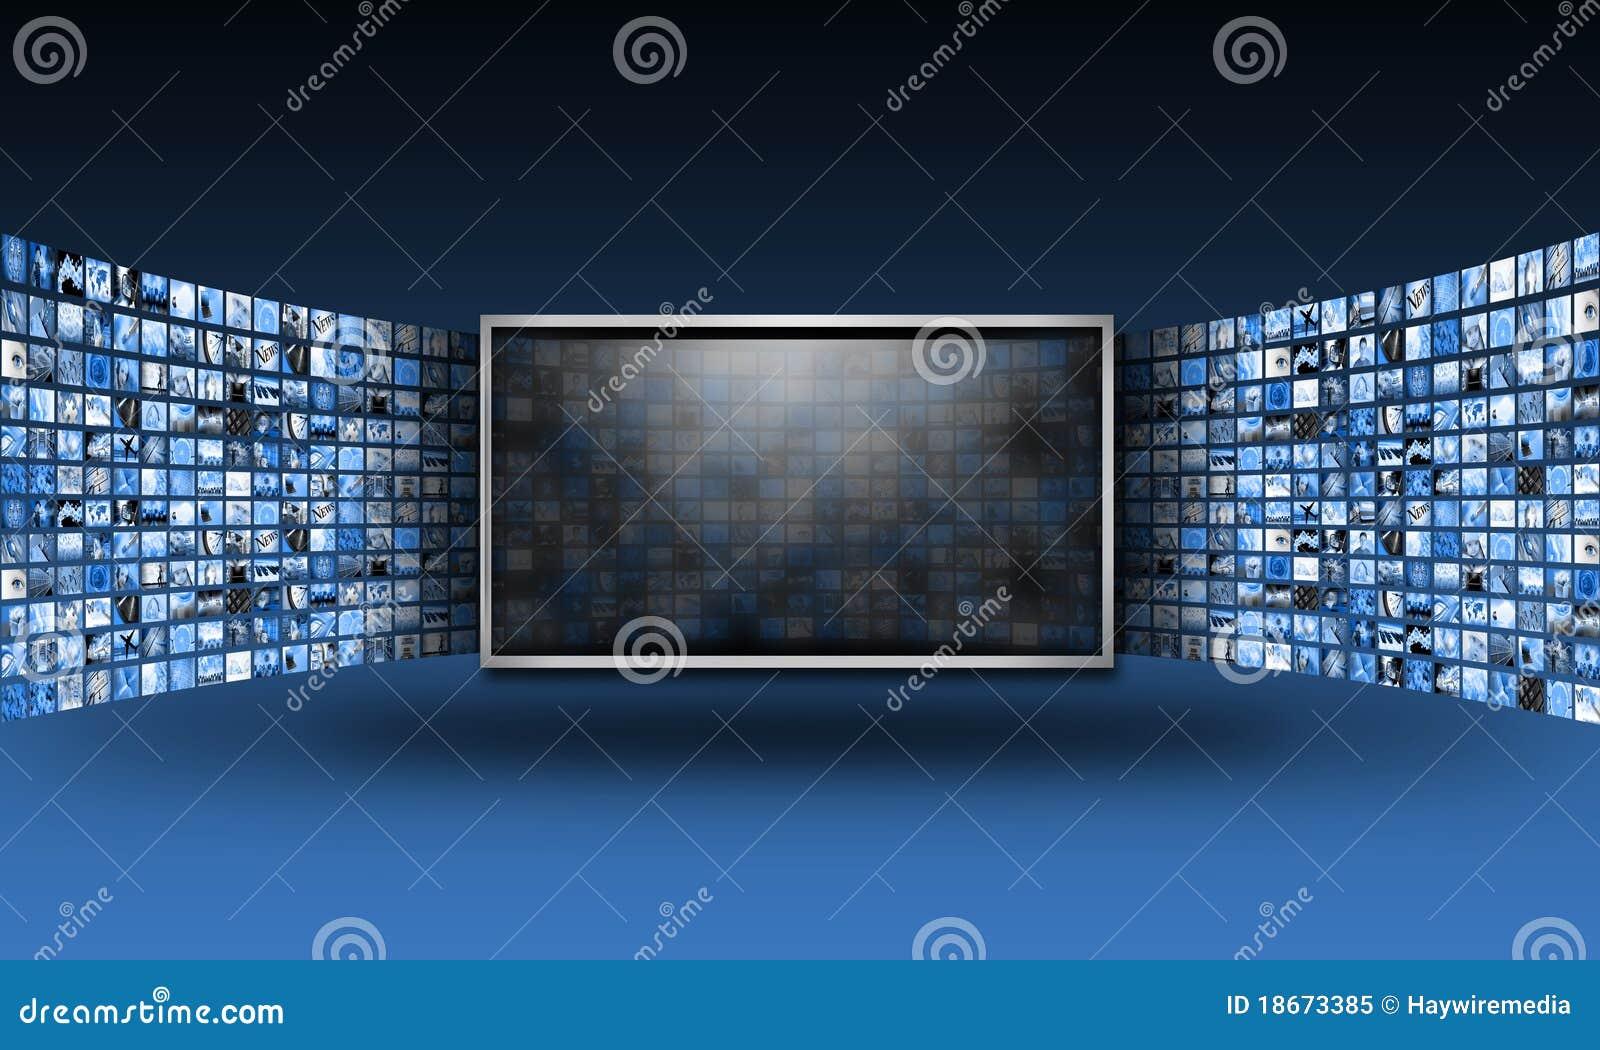 放出电视的平面的图象显示器屏幕